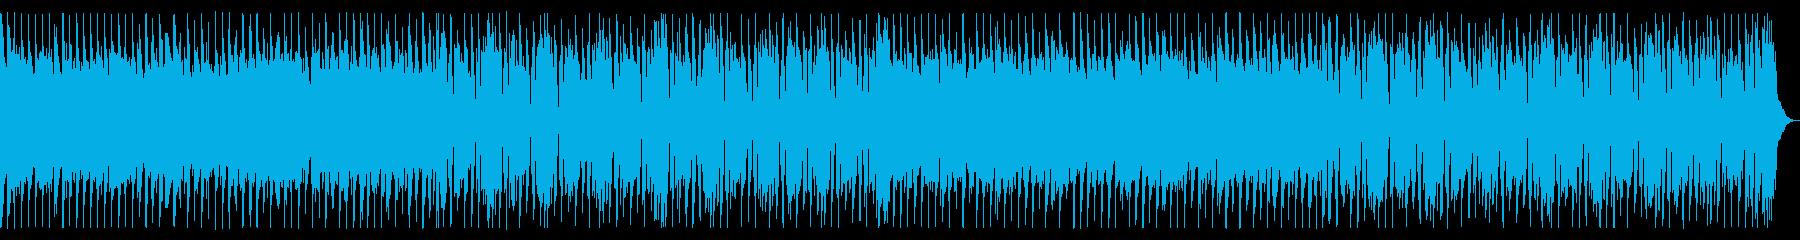 シンプルなギターロックの再生済みの波形